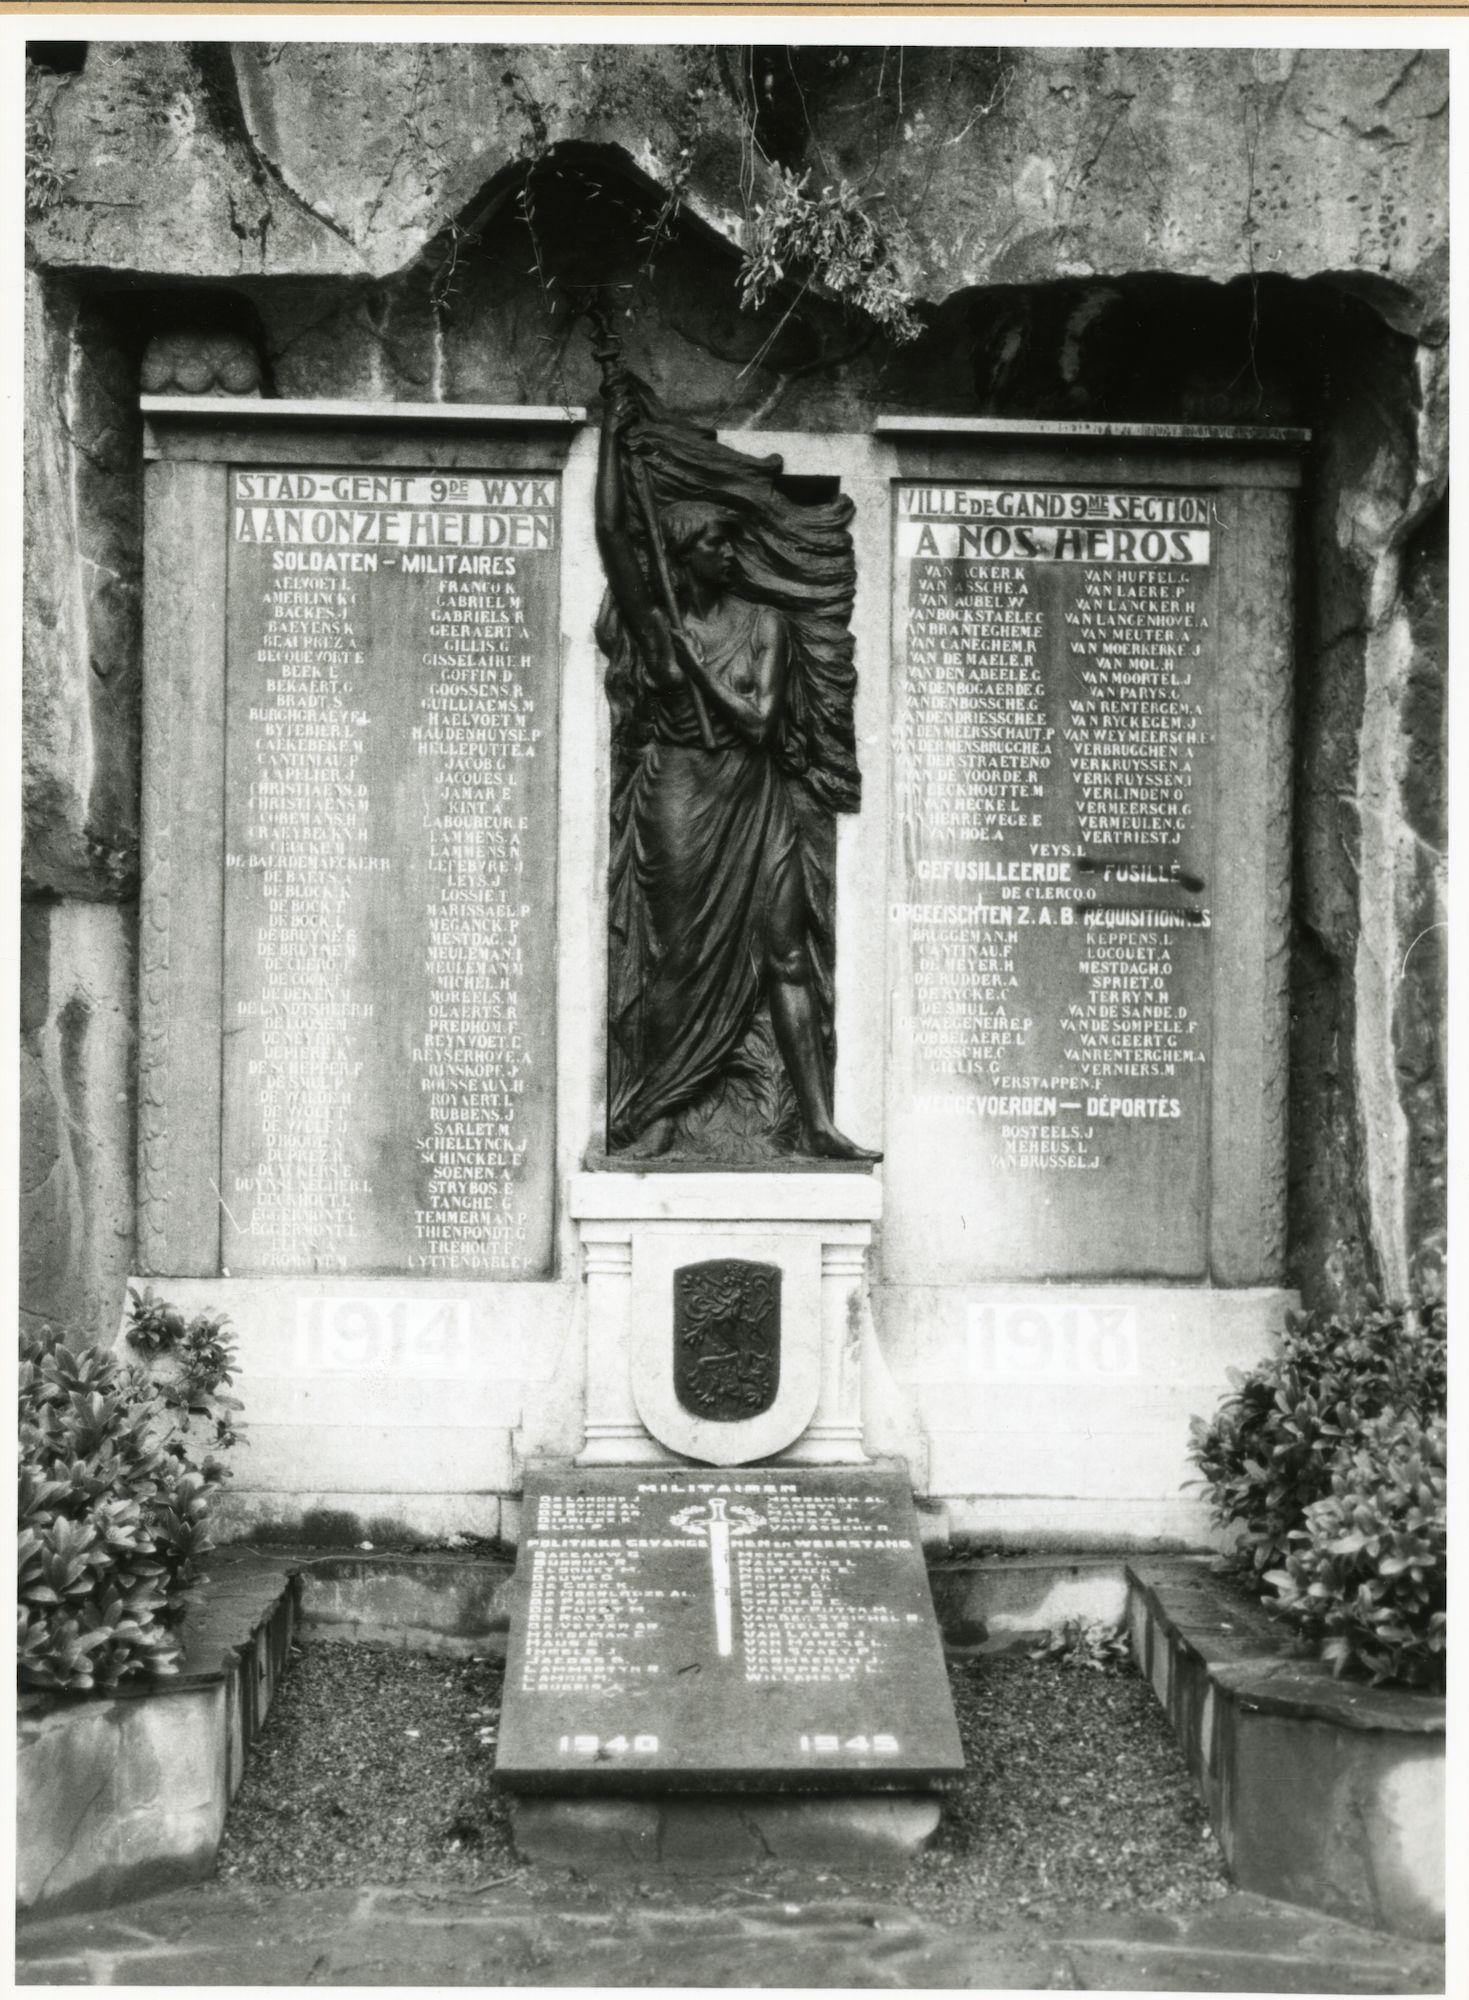 Gent: Citadelpark: Eugène Felixplein: gedenksteen: oorlogsmonument: Wereldoorlog I & II